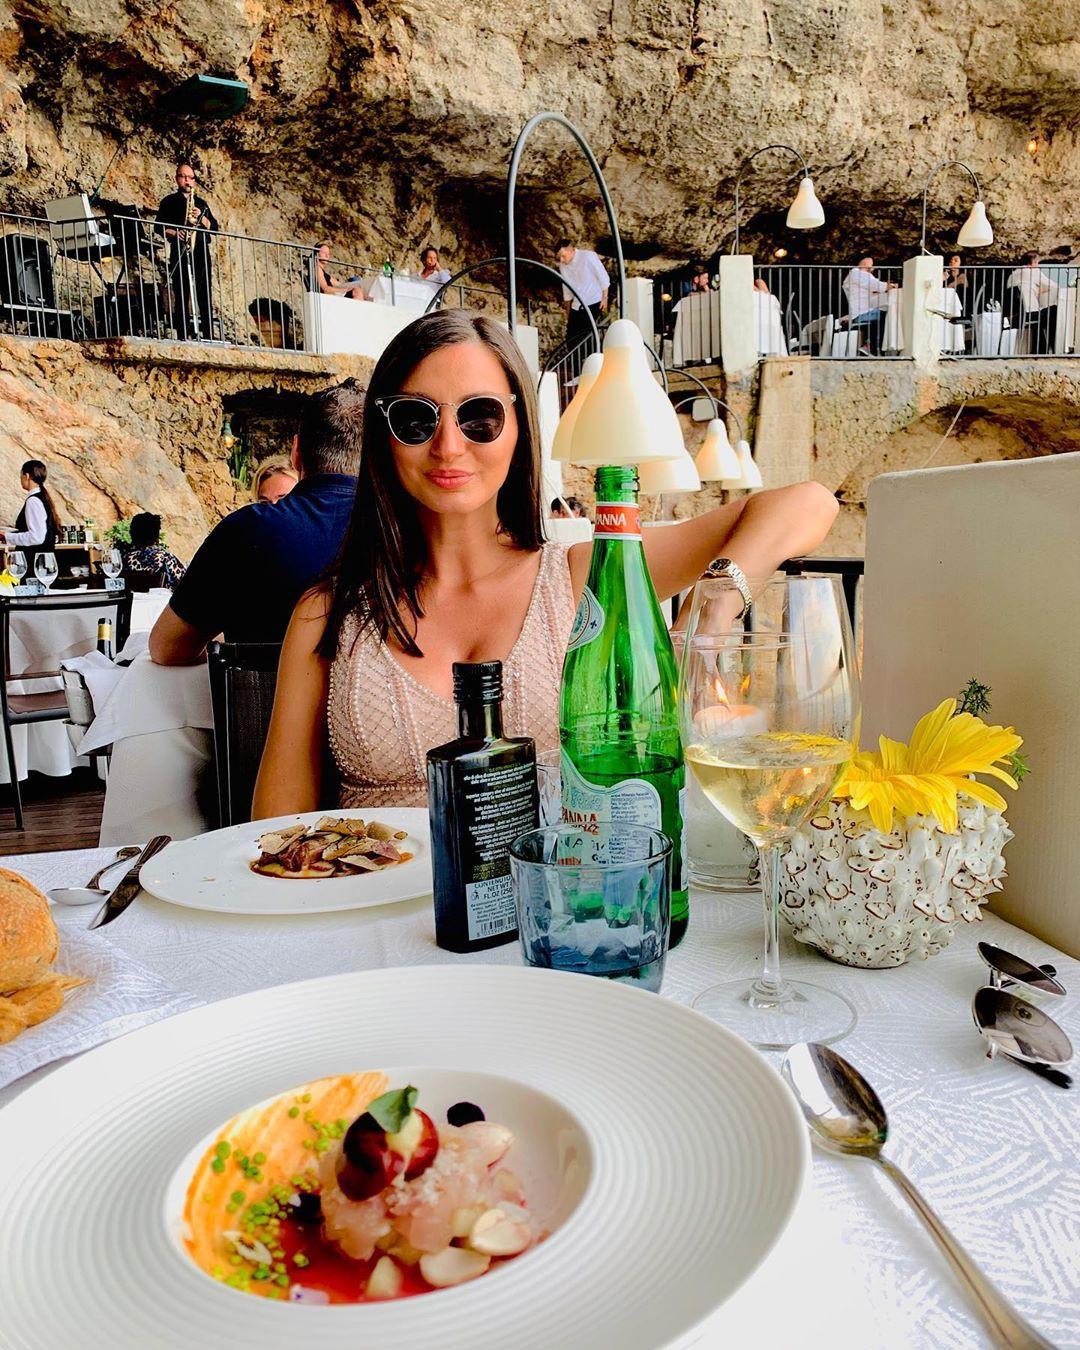 Nhà hàng trong hang động lãng mạn nhất nước Ý: Có khả năng gây mê cao cho bất kì cặp đôi nào hẹn hò tại đây - Ảnh 11.